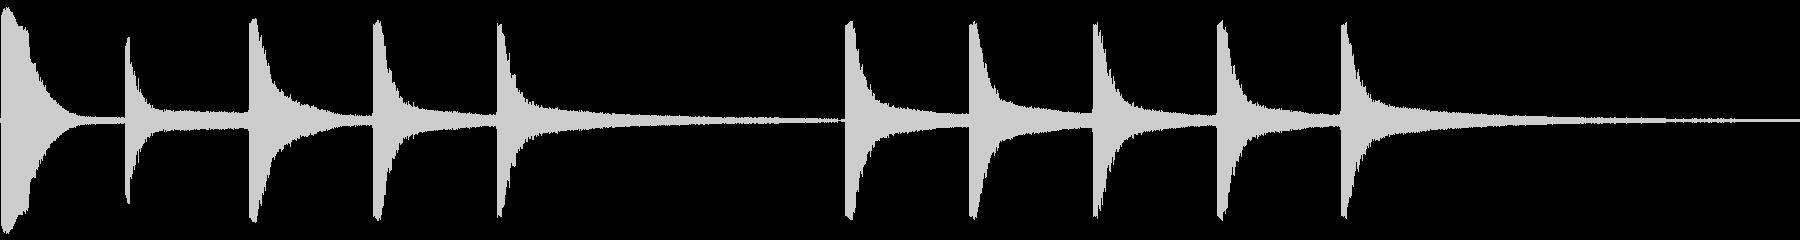 ベル教会リングの未再生の波形